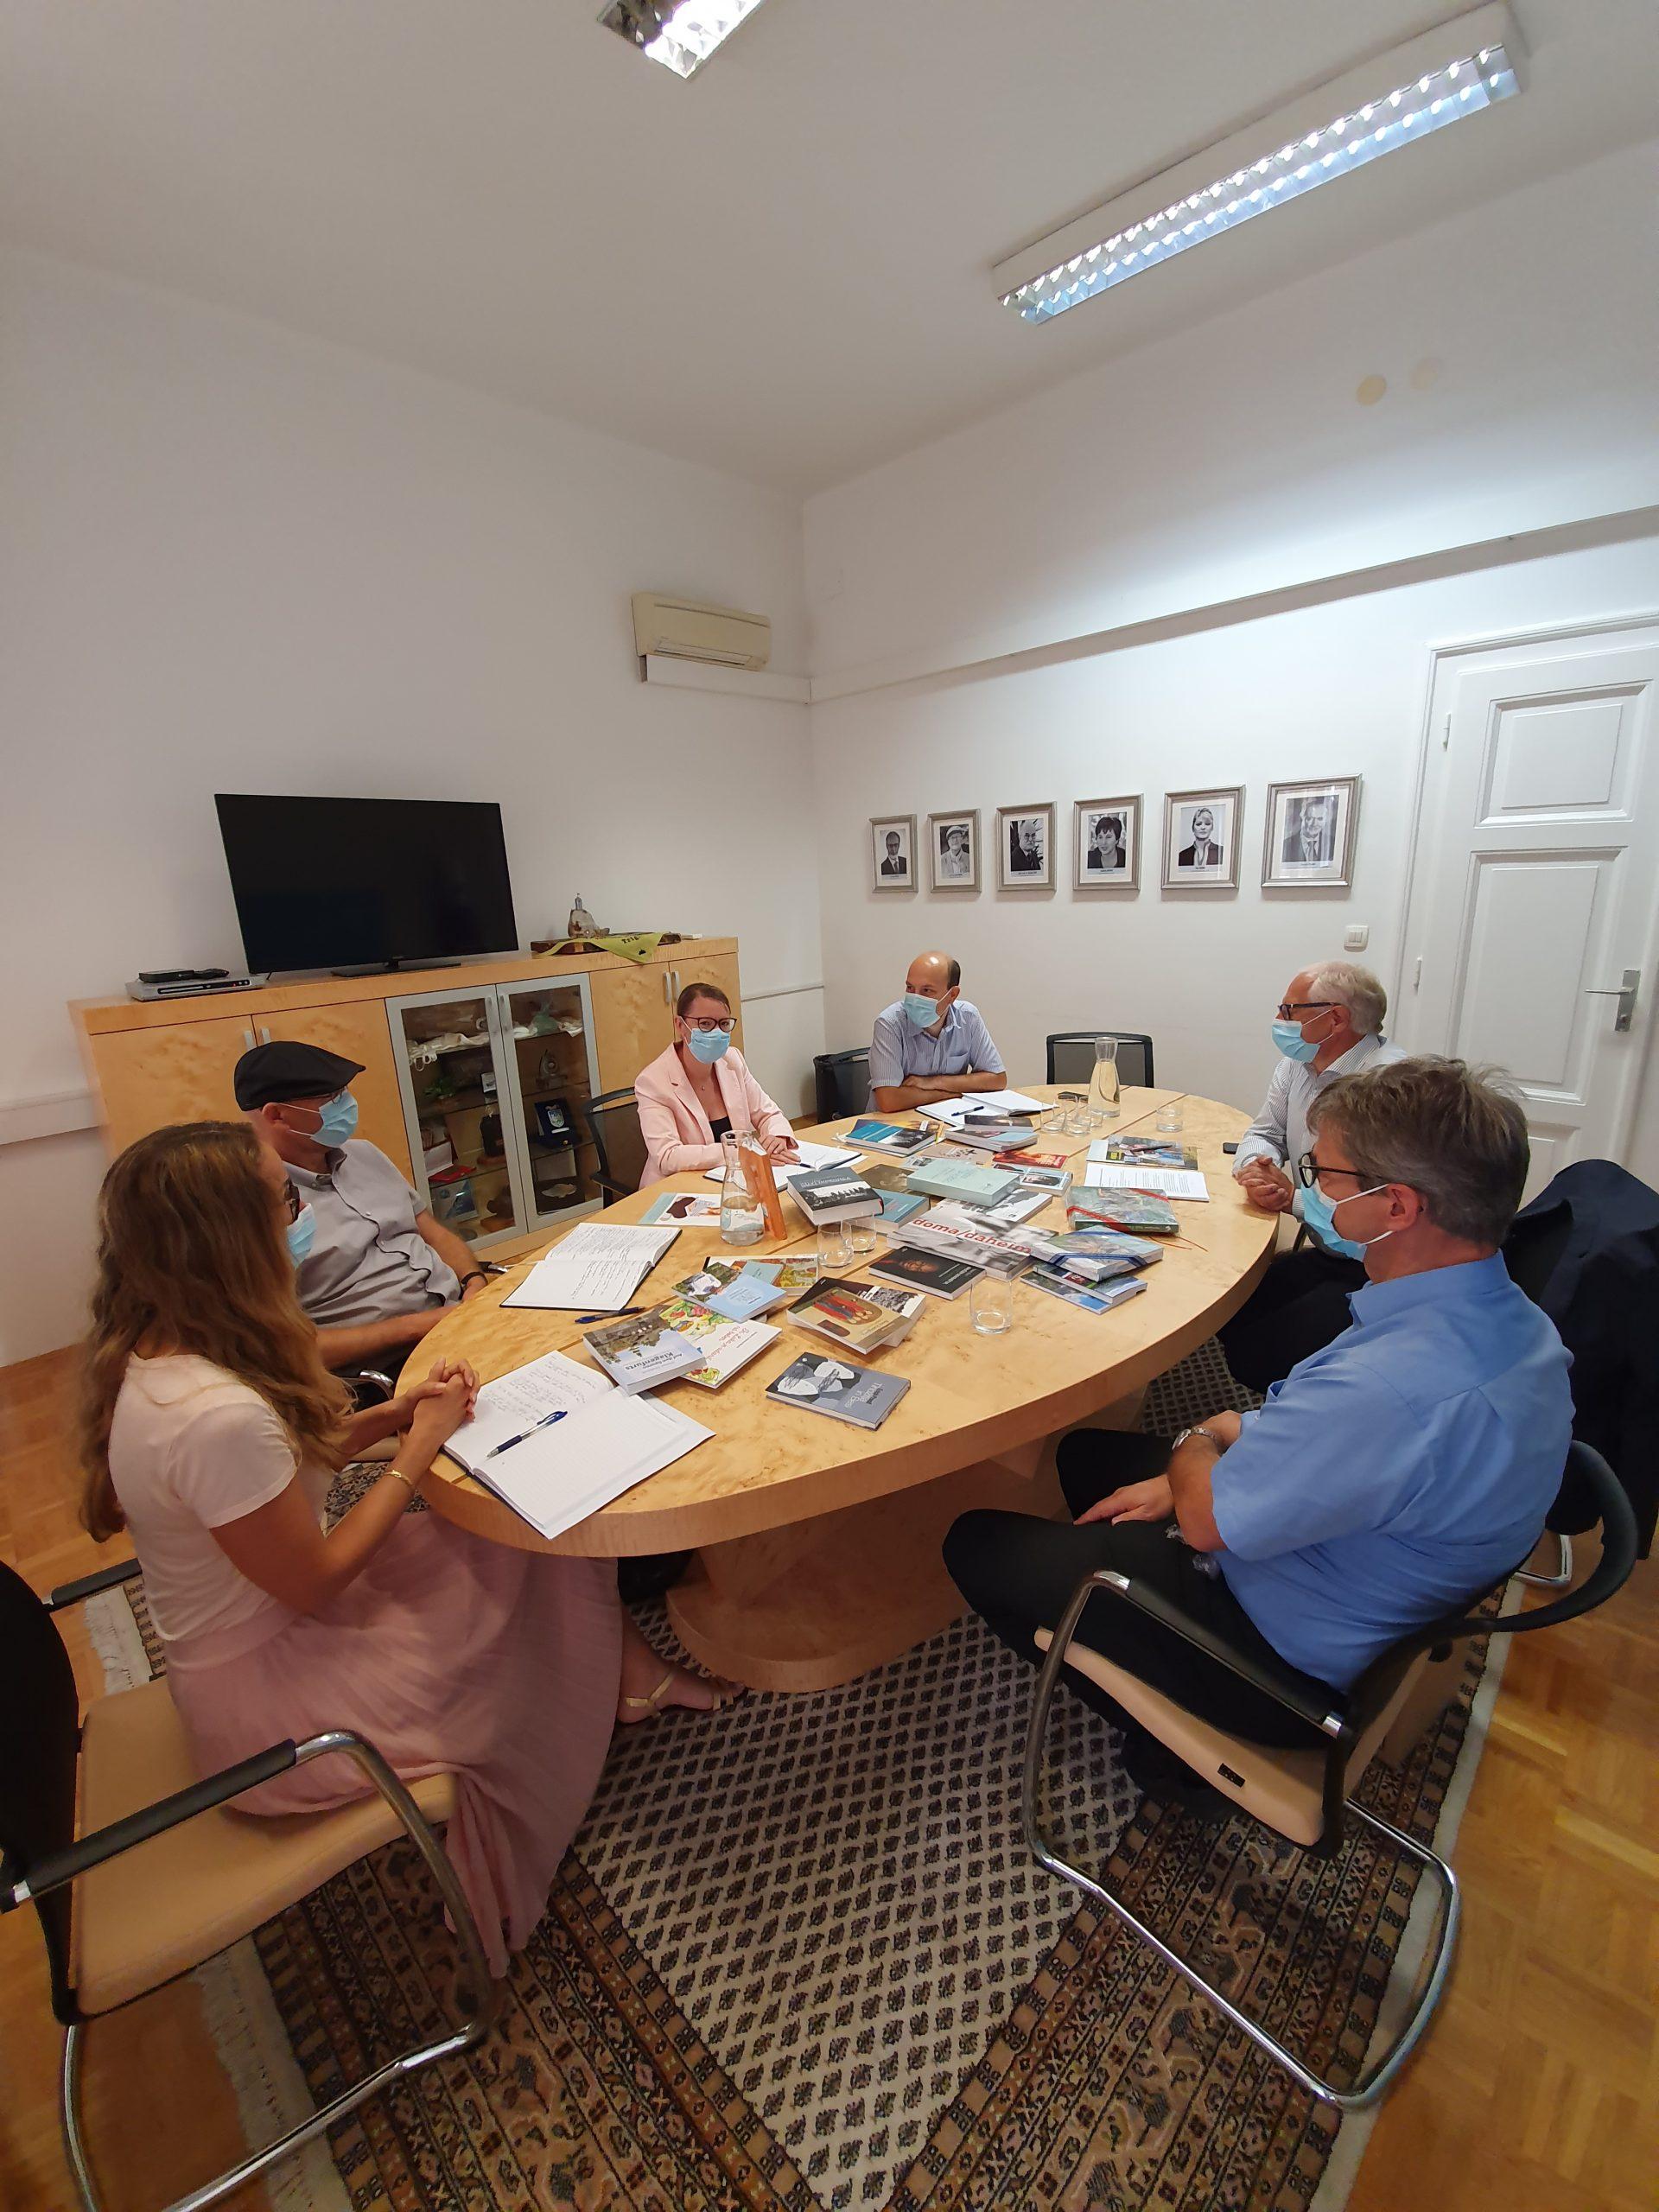 Udeleženci med sestankom za mizo, na kateri so knjige, ki so jih predstavili.